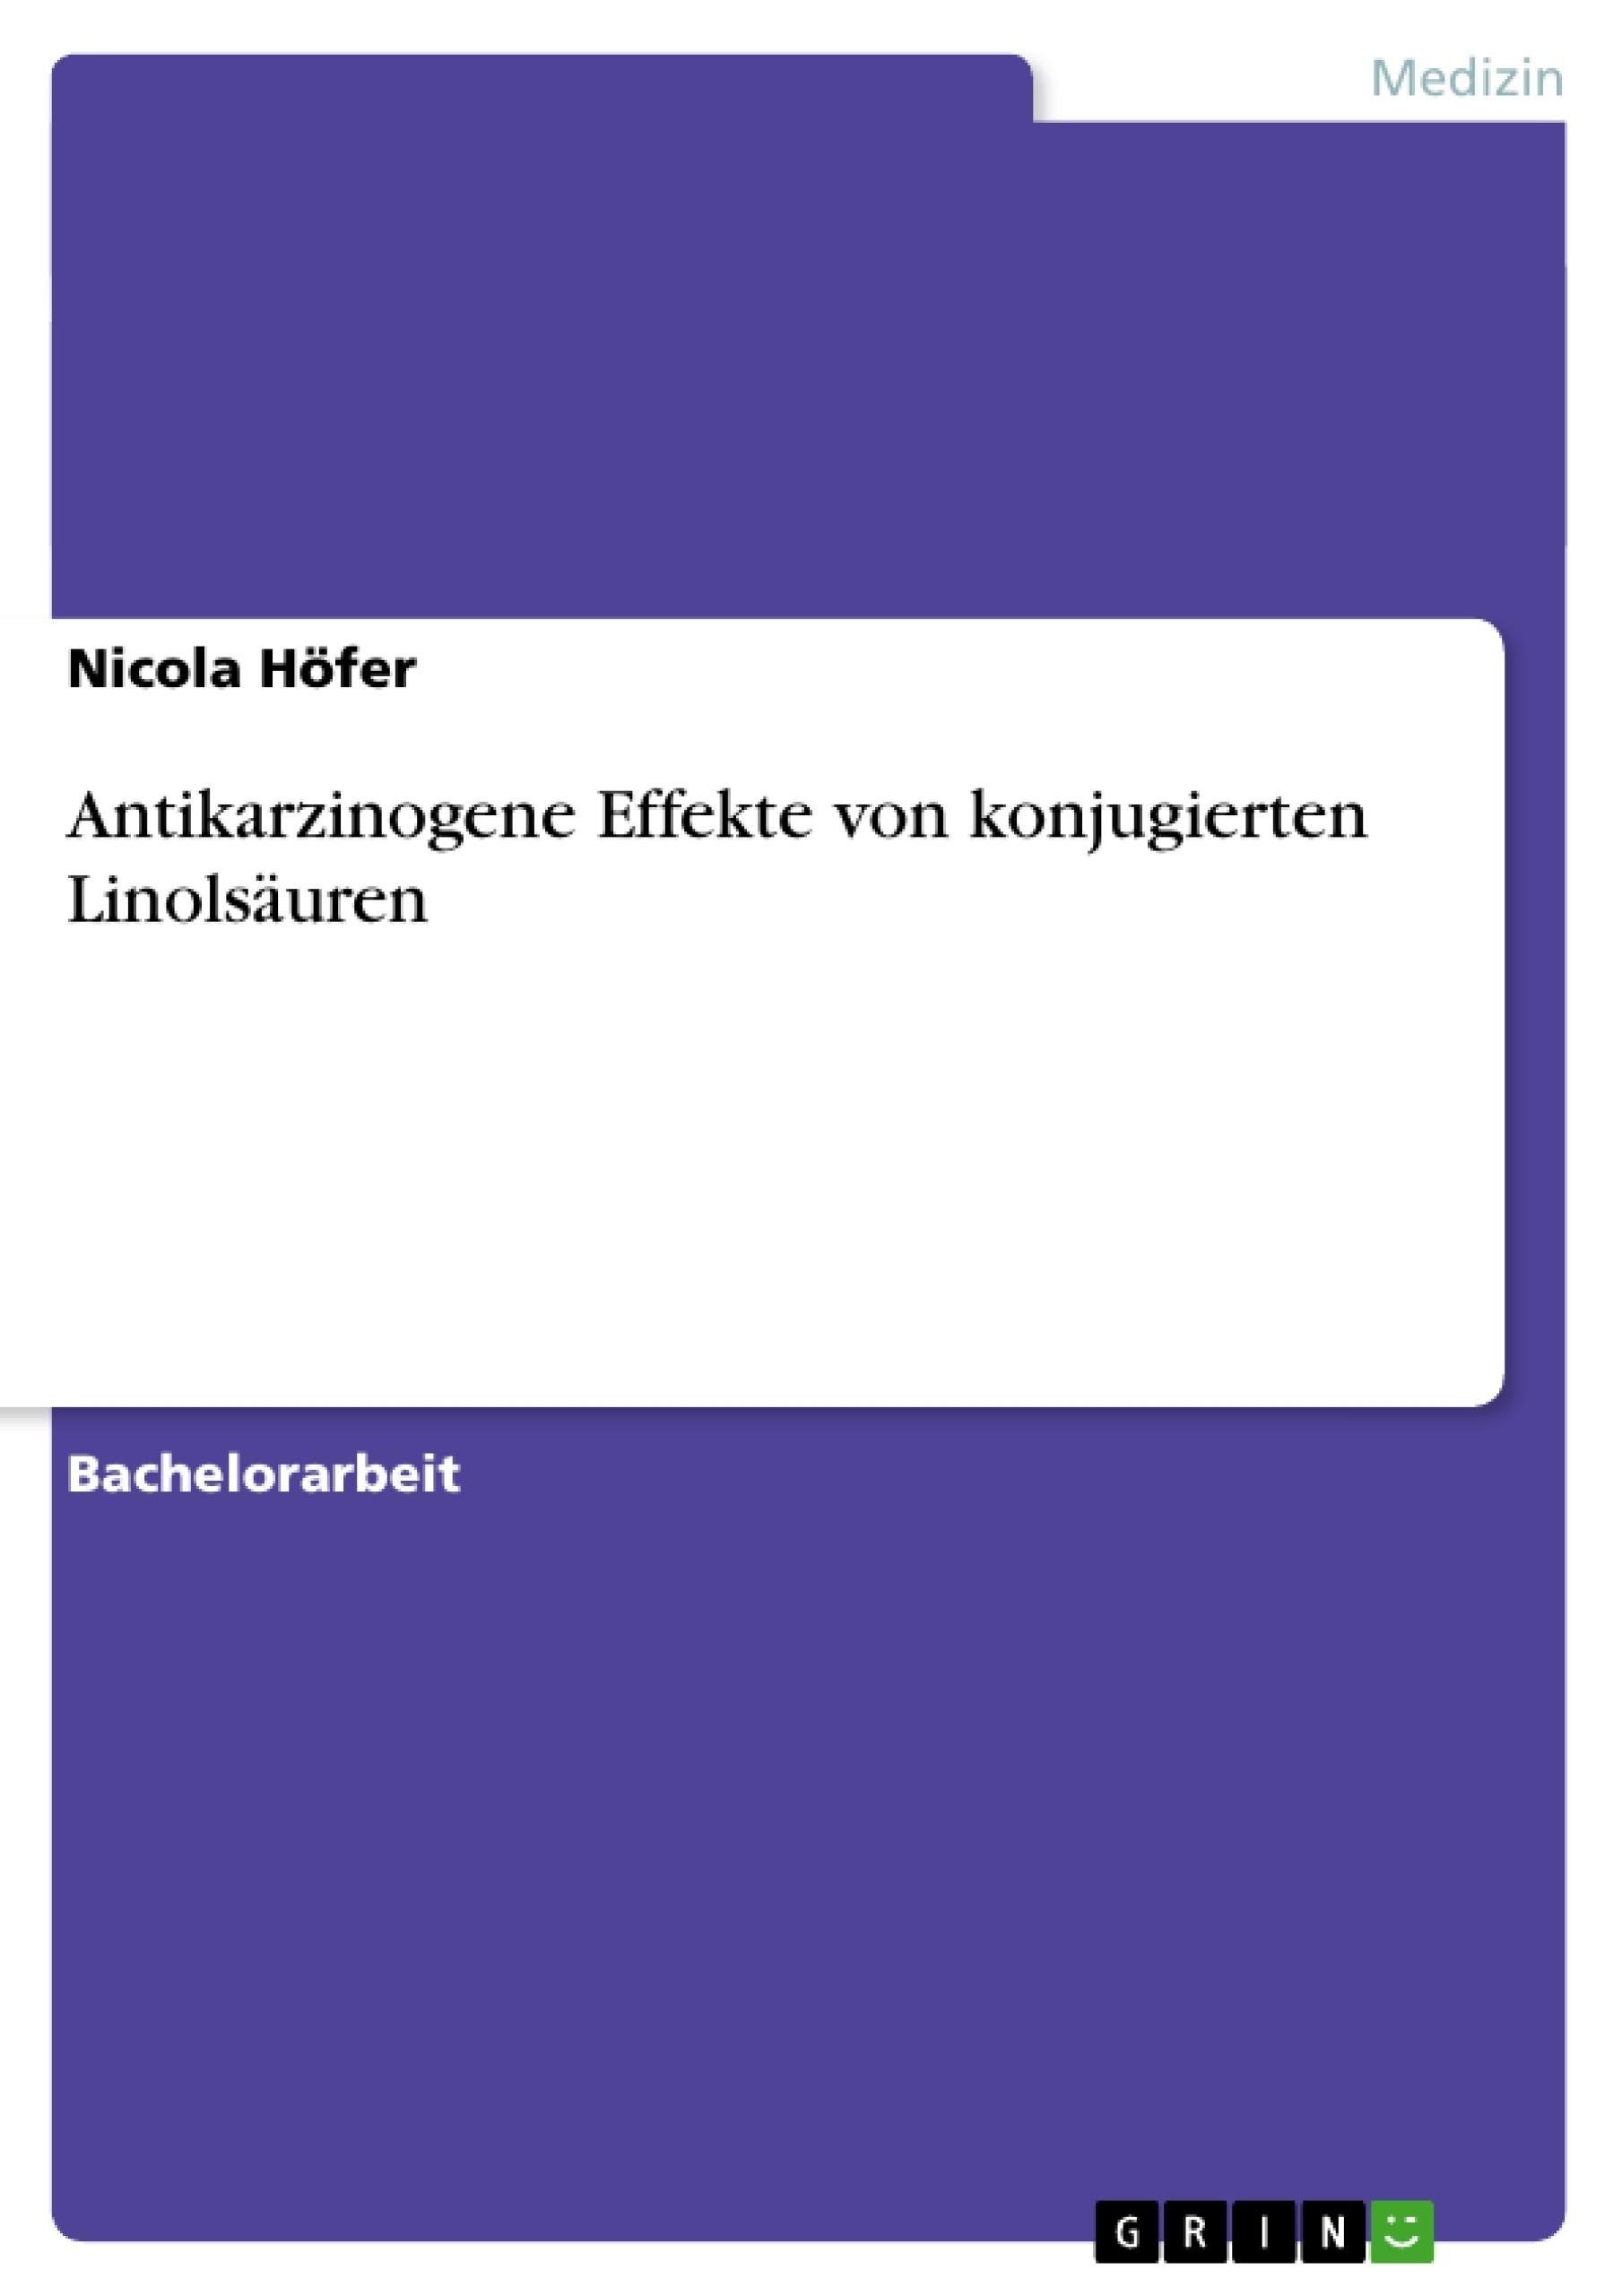 Titel: Antikarzinogene Effekte von konjugierten Linolsäuren